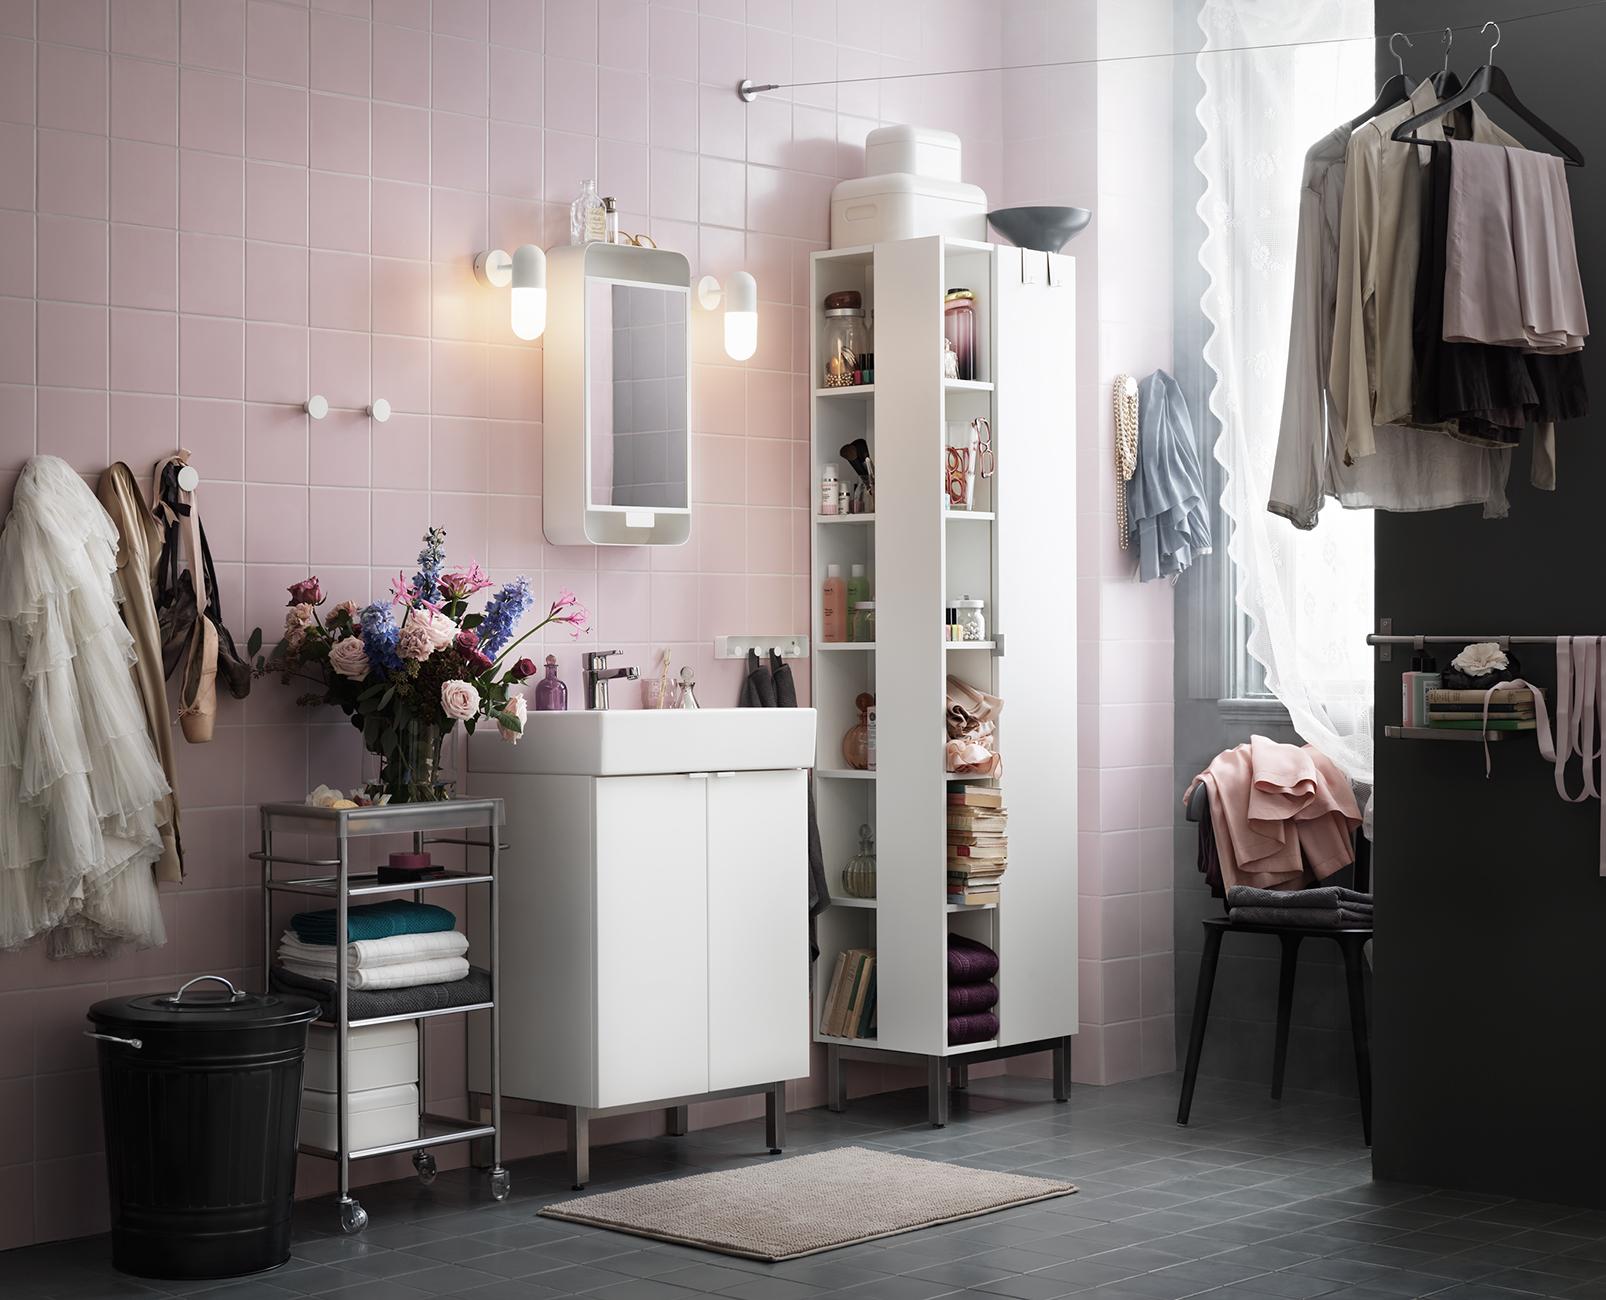 Inredningshjälpen: badrumsinspiration från ikea